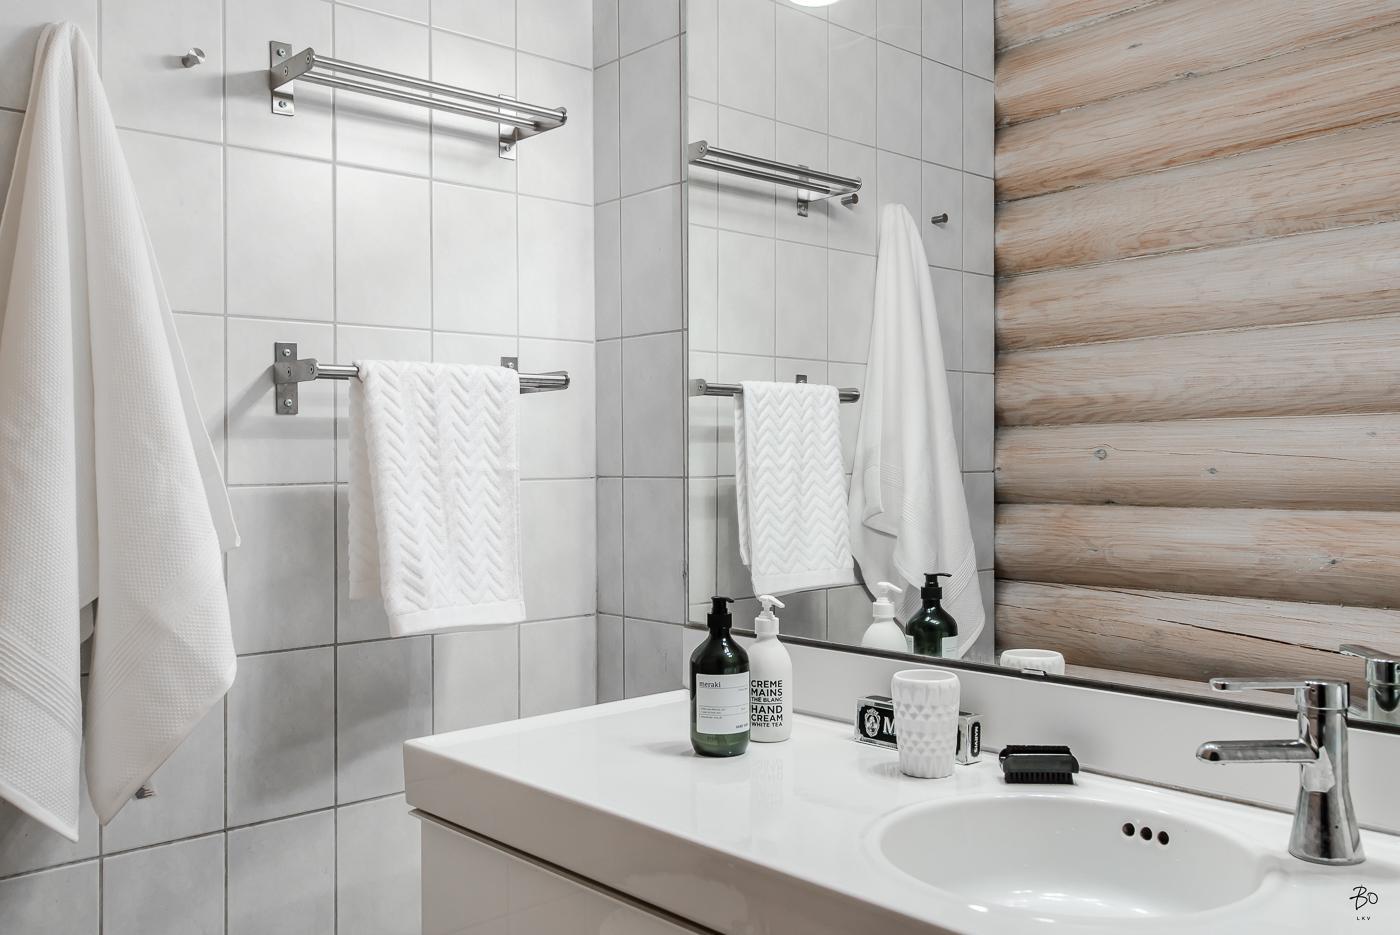 Salle de bain avec murs en bois et carrelage